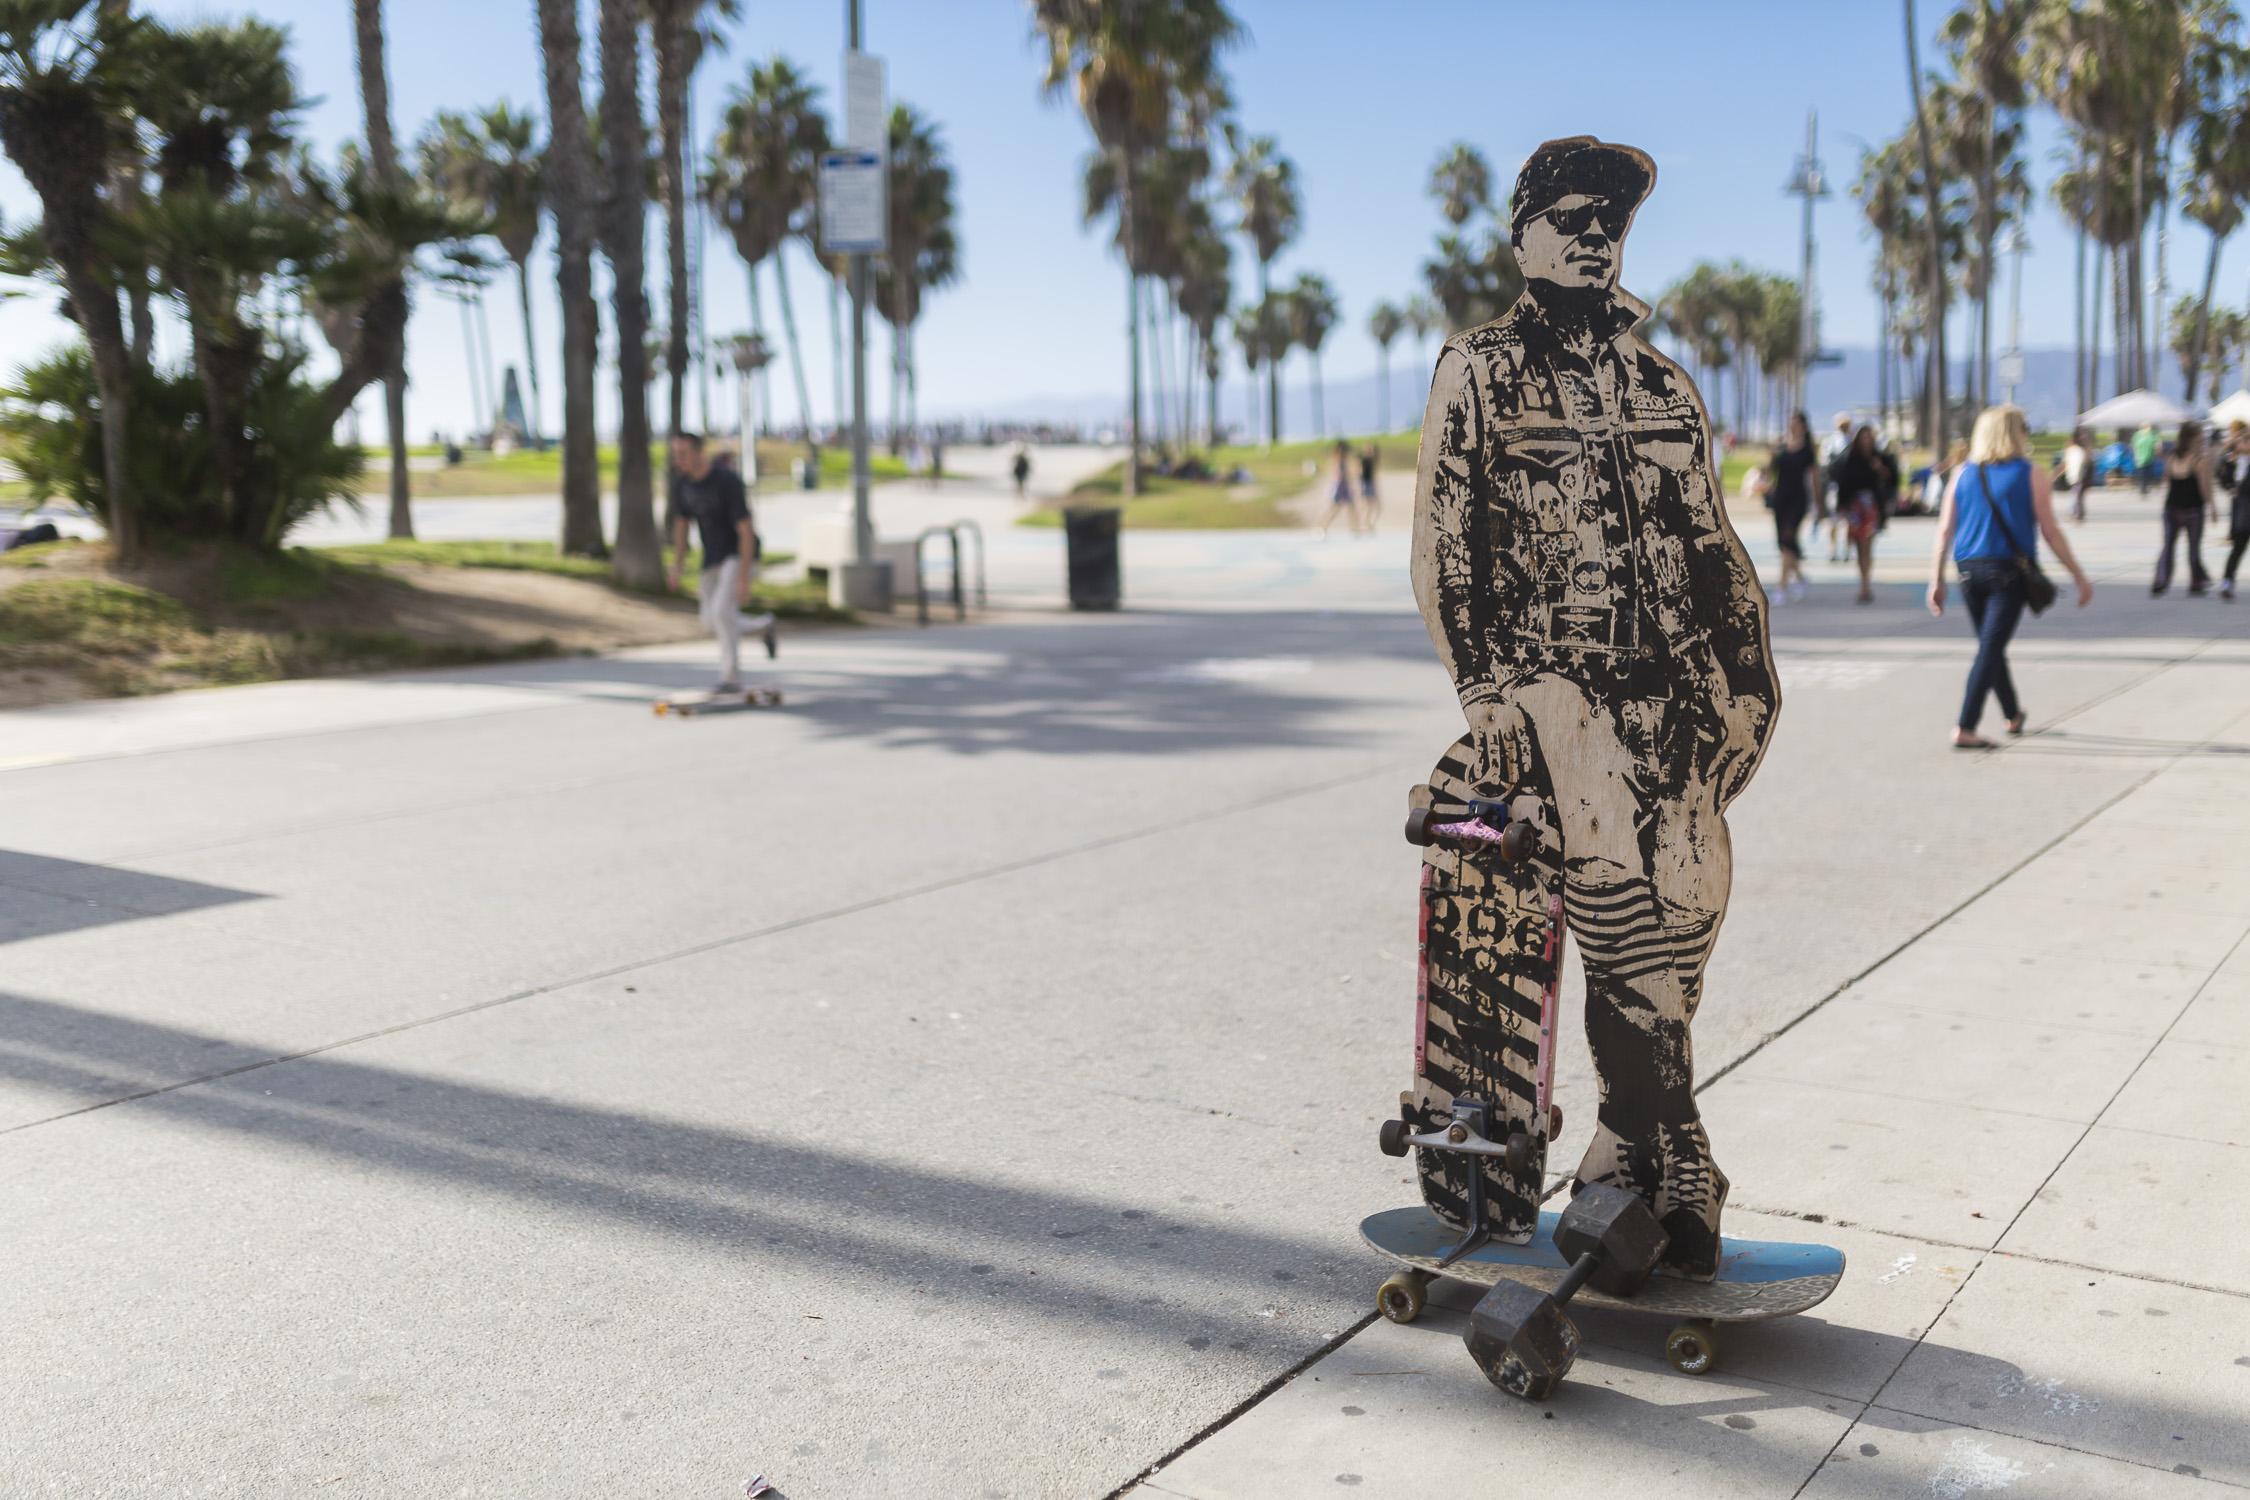 Portfolio(20151028 – Skater Venice Beach Skate Park – 4)